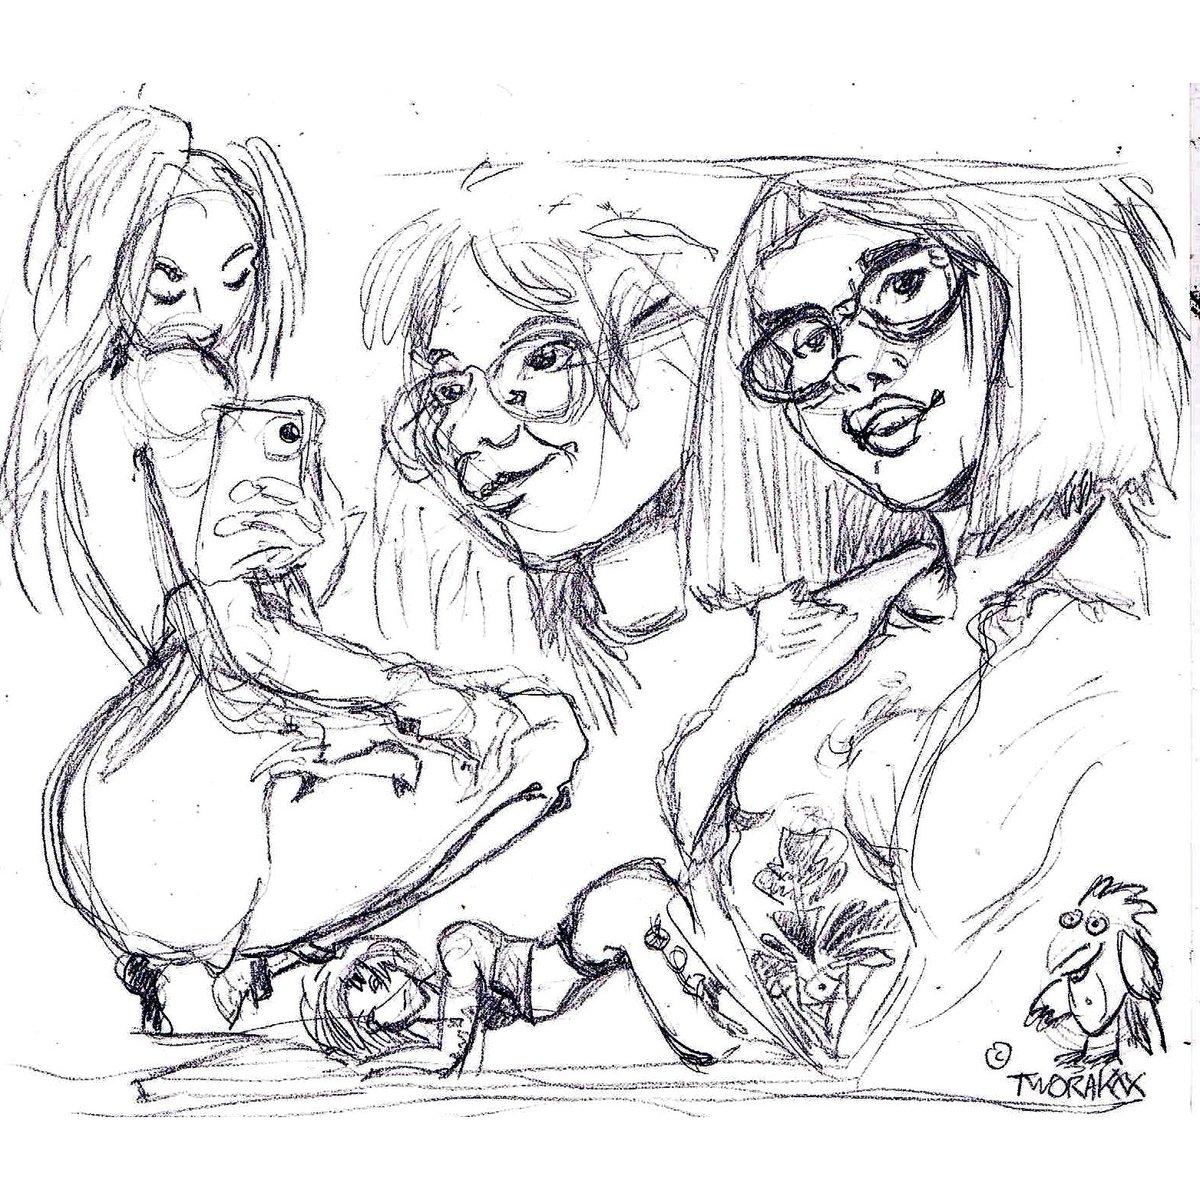 #dessin pour s'entraîner à dessiner la nature  #draw #portrait #smile #inked #girldrawing or #sissy #gurl #sissyboy or not #art #drawing #dessin #croquis